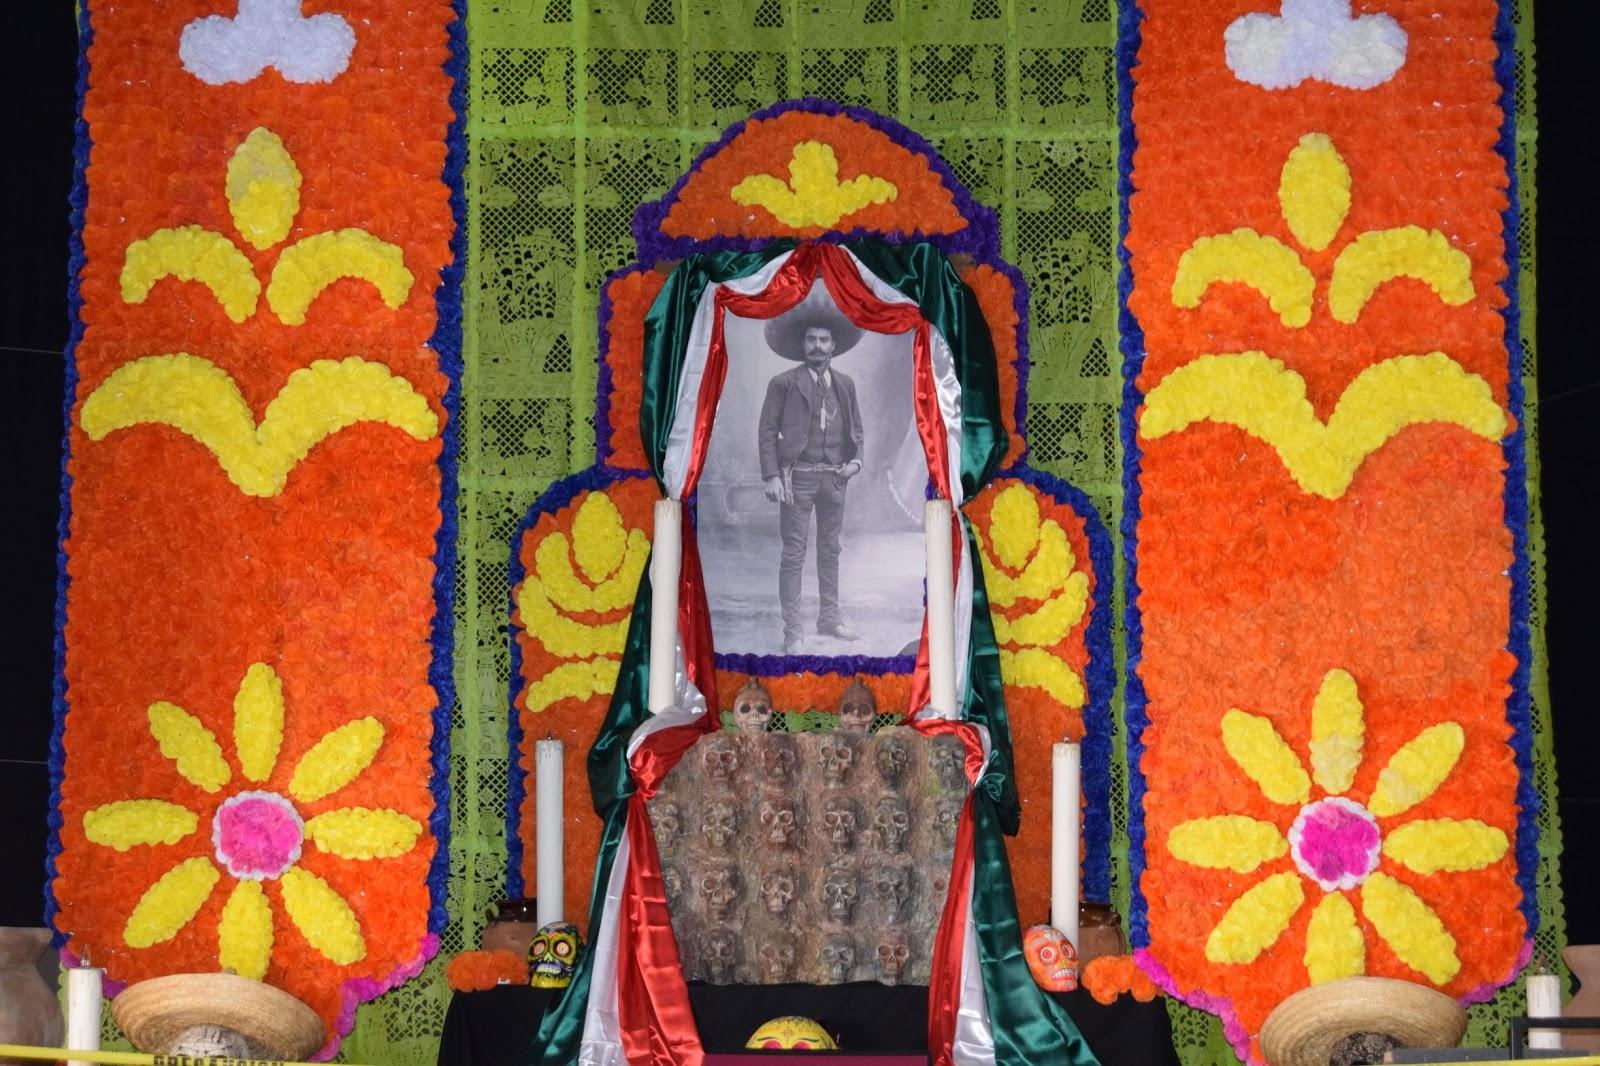 Bisnieto de Zapata inaugurará altar monumental en el CECUT